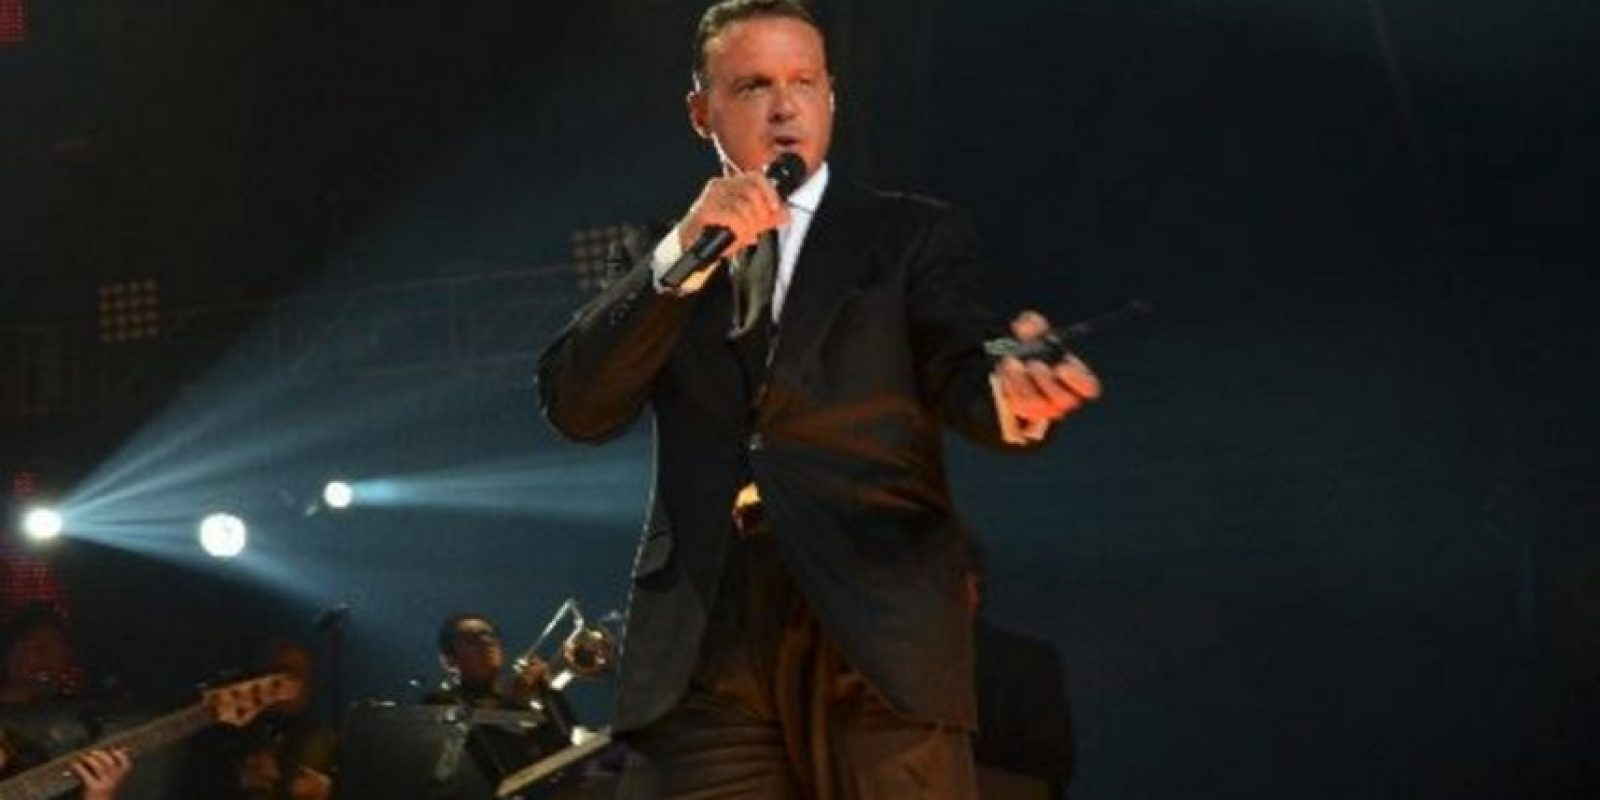 El cantante solicitó un amparo Foto:Vía facebook.com/luismiguelofficial